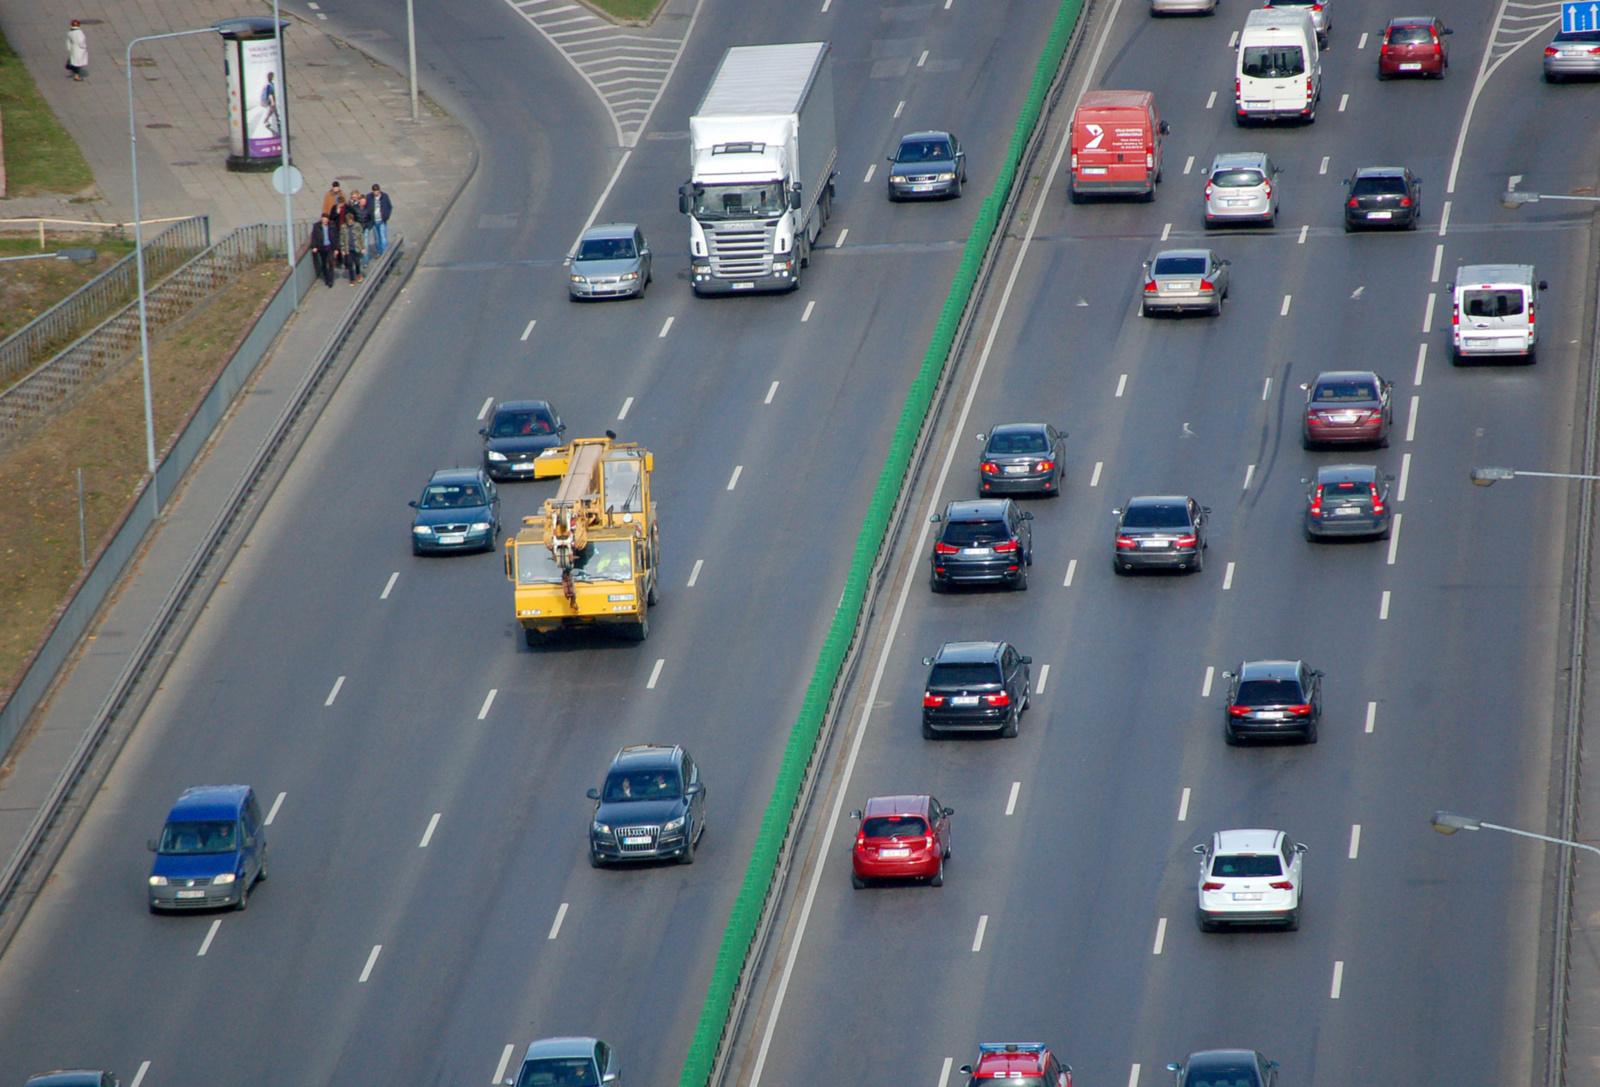 Aplinkos ministerija: apklausa rodo, kad taršių automobilių apmokestinimui pritartų 38 procentų gyventojų